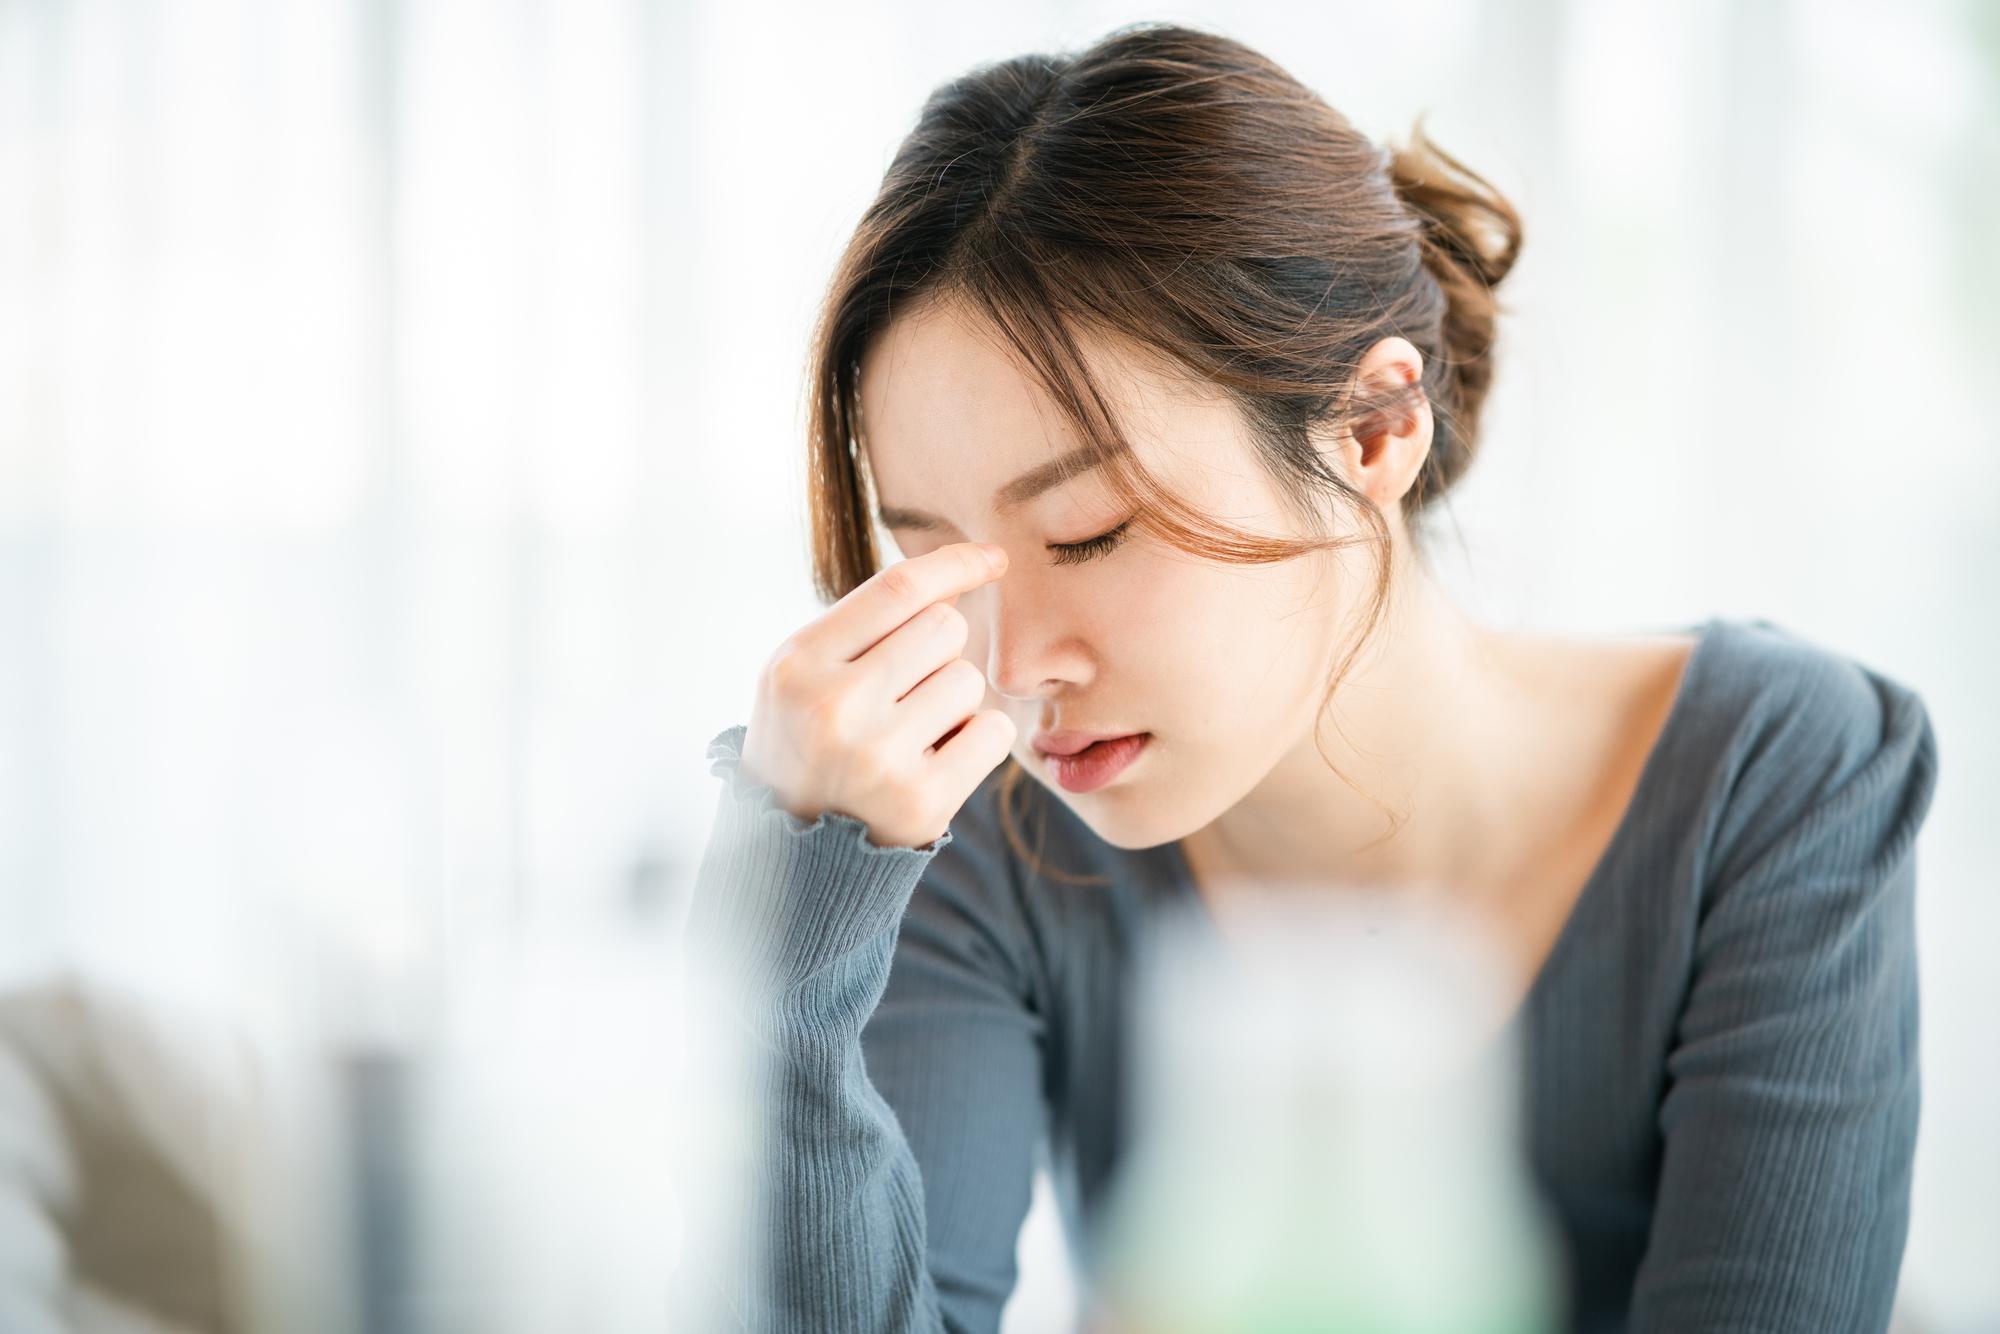 頭 が ぼーっと する めまい ふわふわめまい・頭重感|診察室でよくみる大人の病気